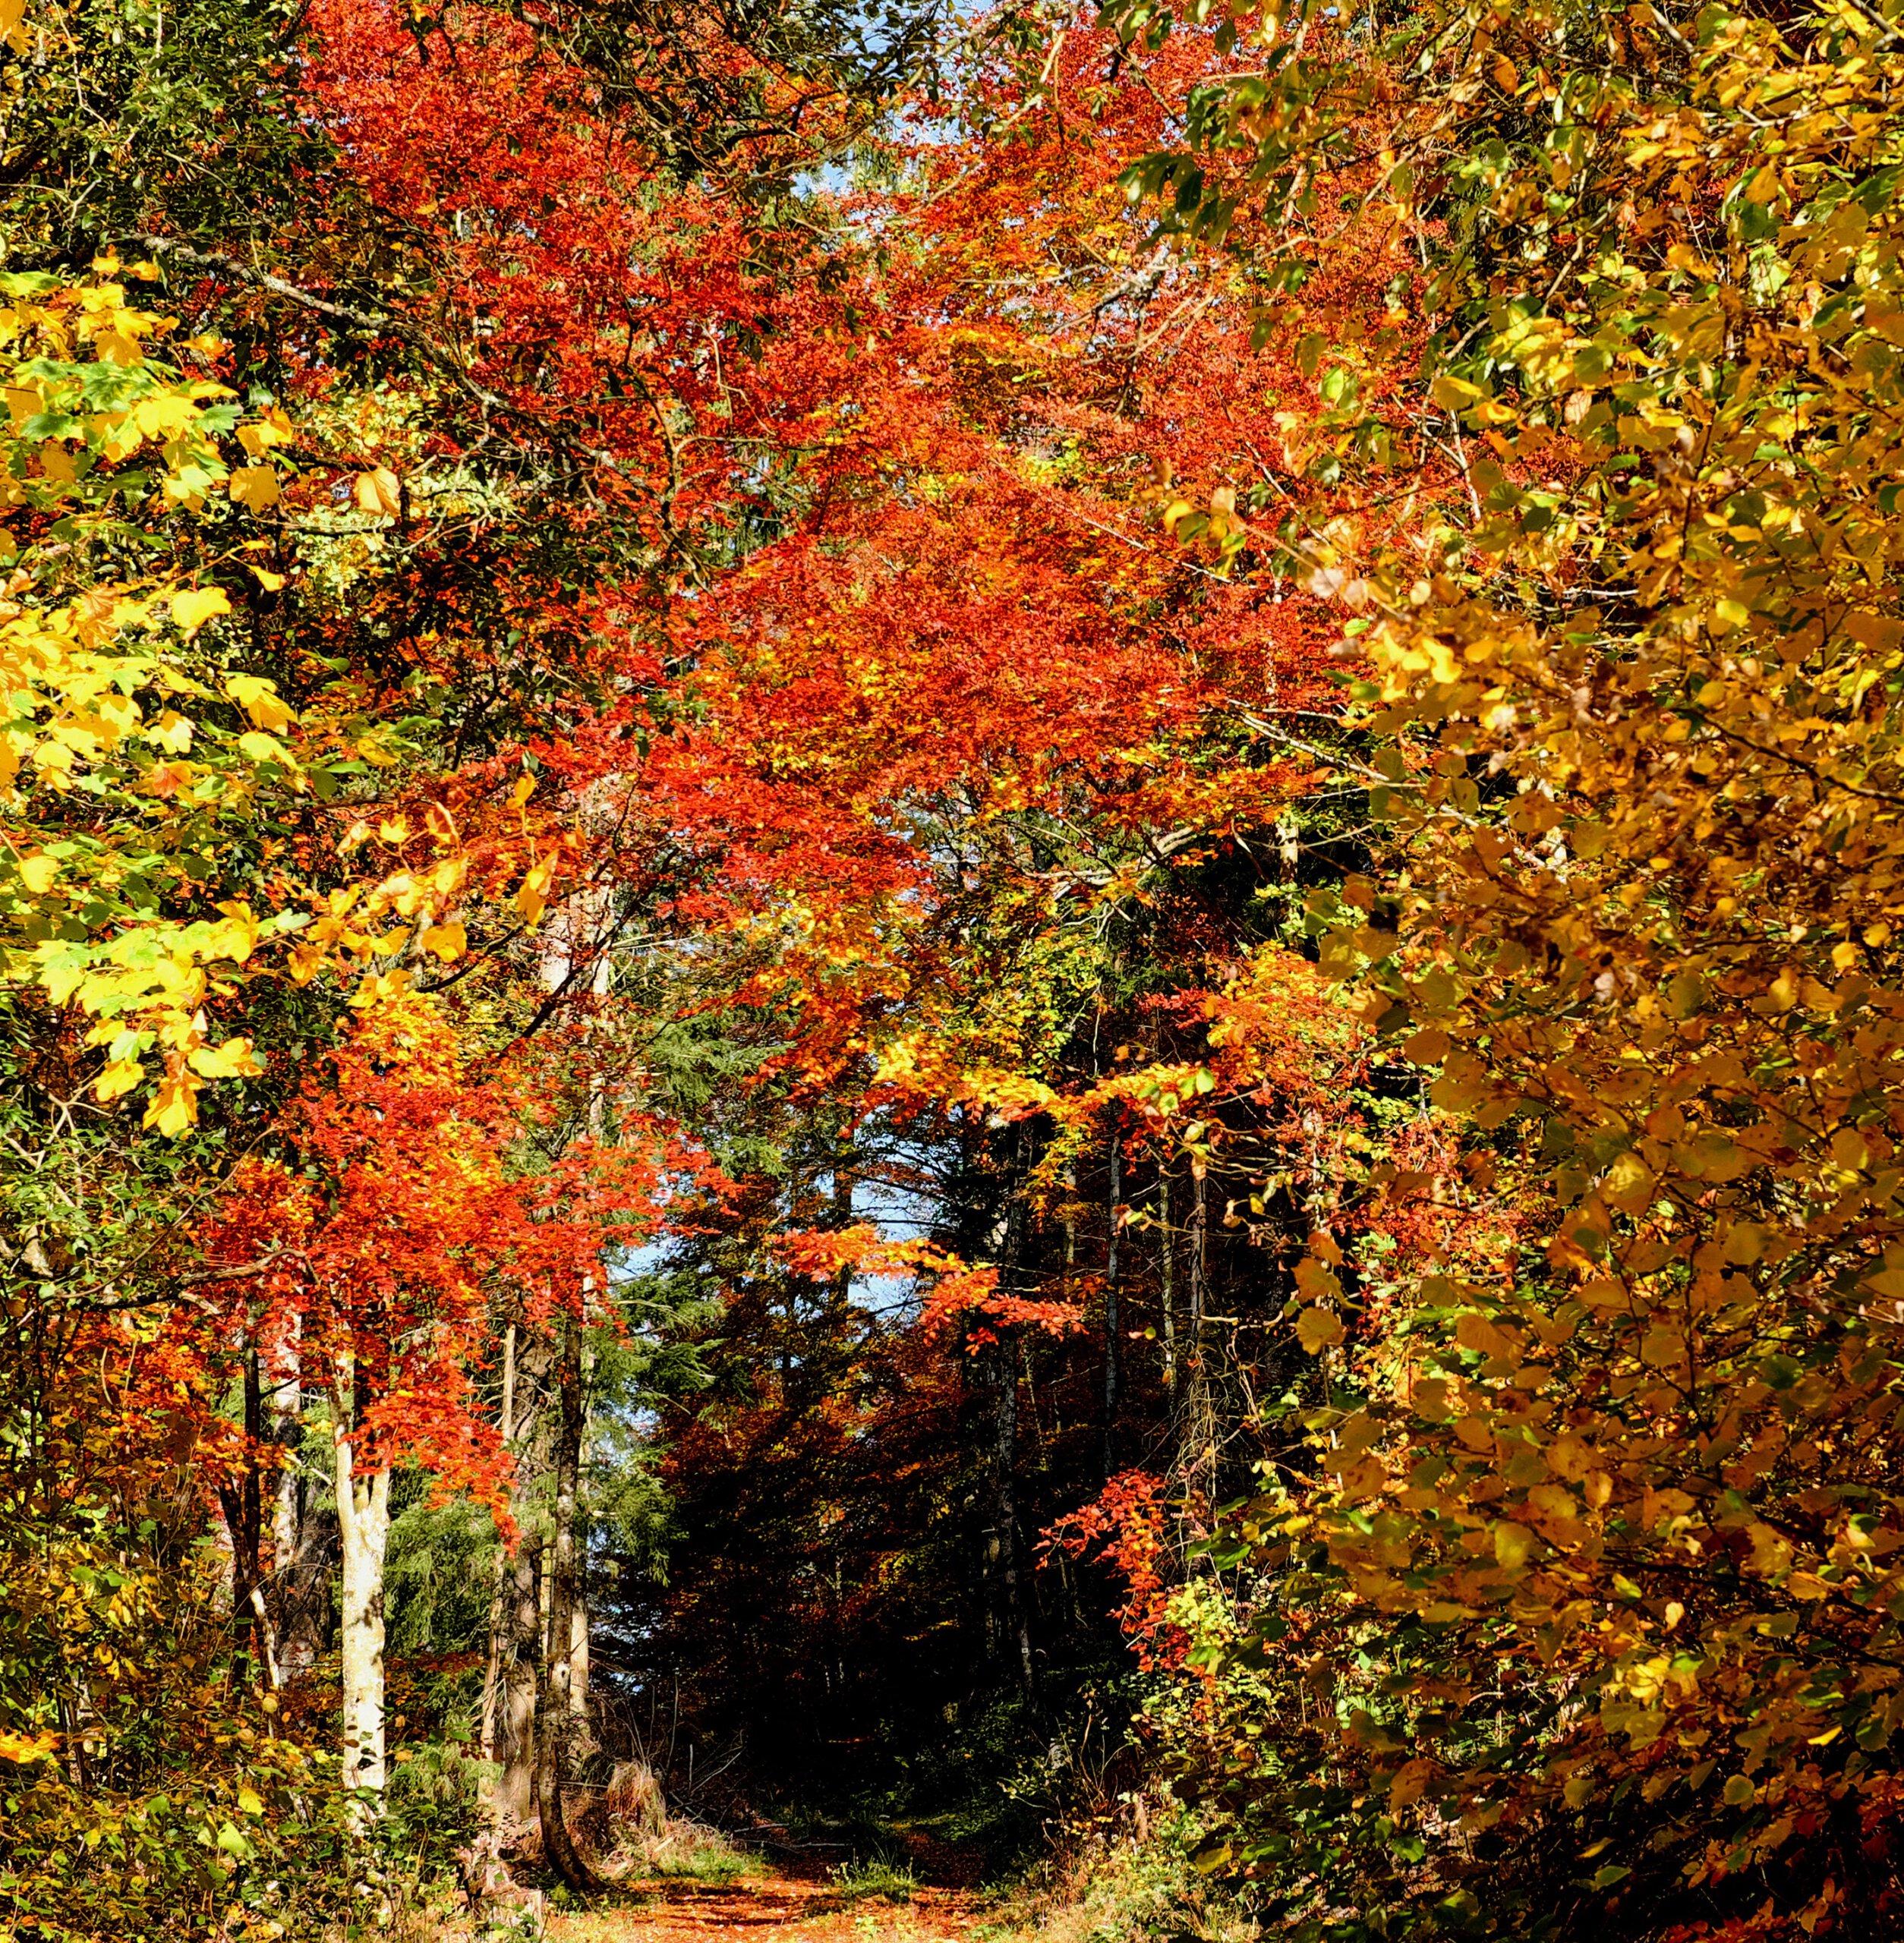 Stikstofdioxe, NO2, ultrafijnstof en CO2 uit de lucht filteren gaat ideaal met bomen.